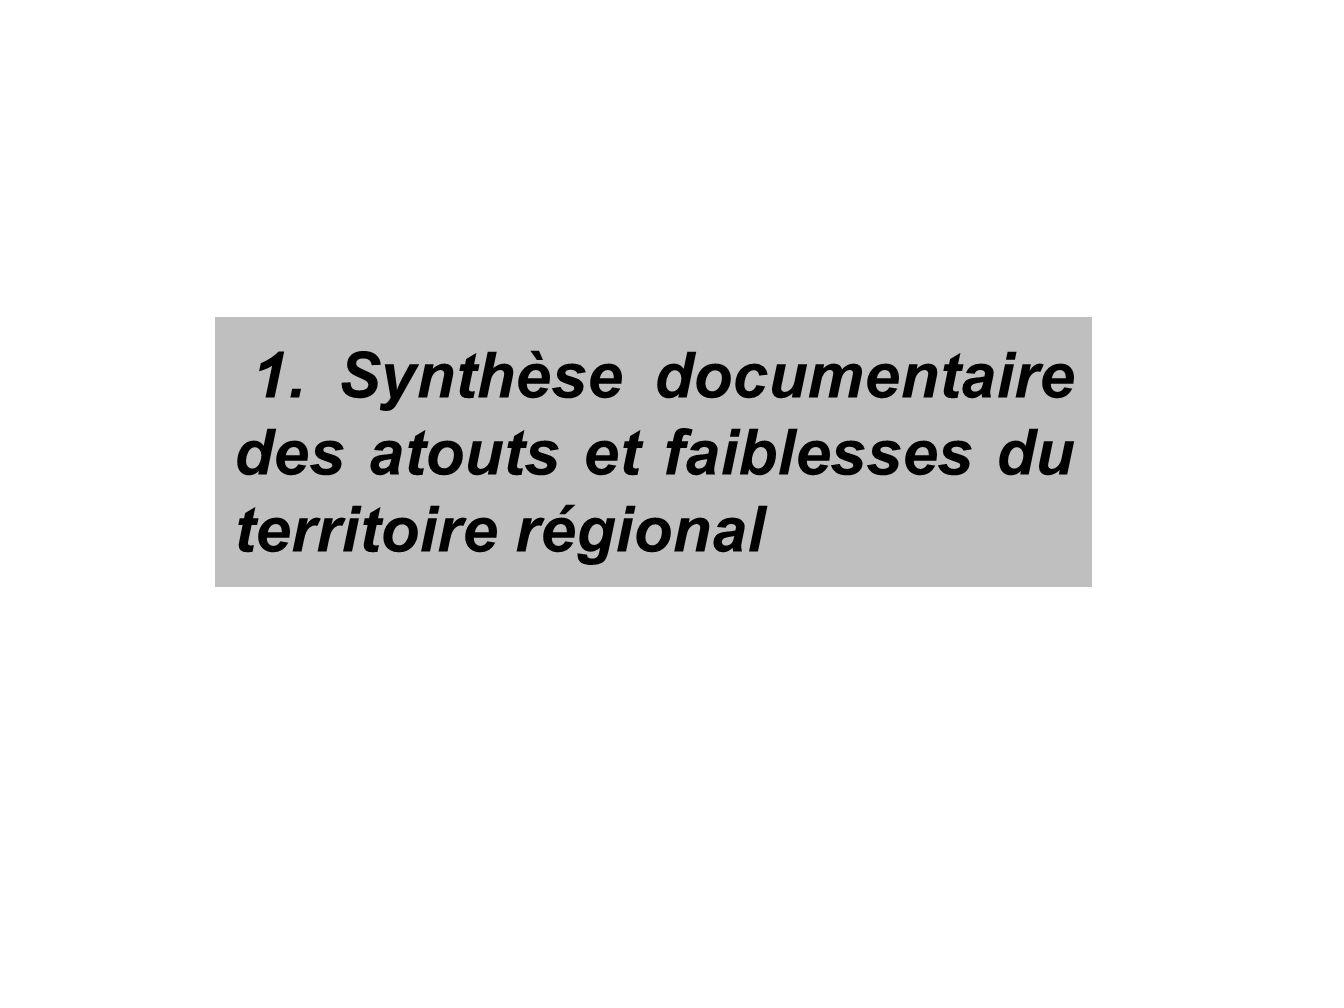 1. Synthèse documentaire des atouts et faiblesses du territoire régional